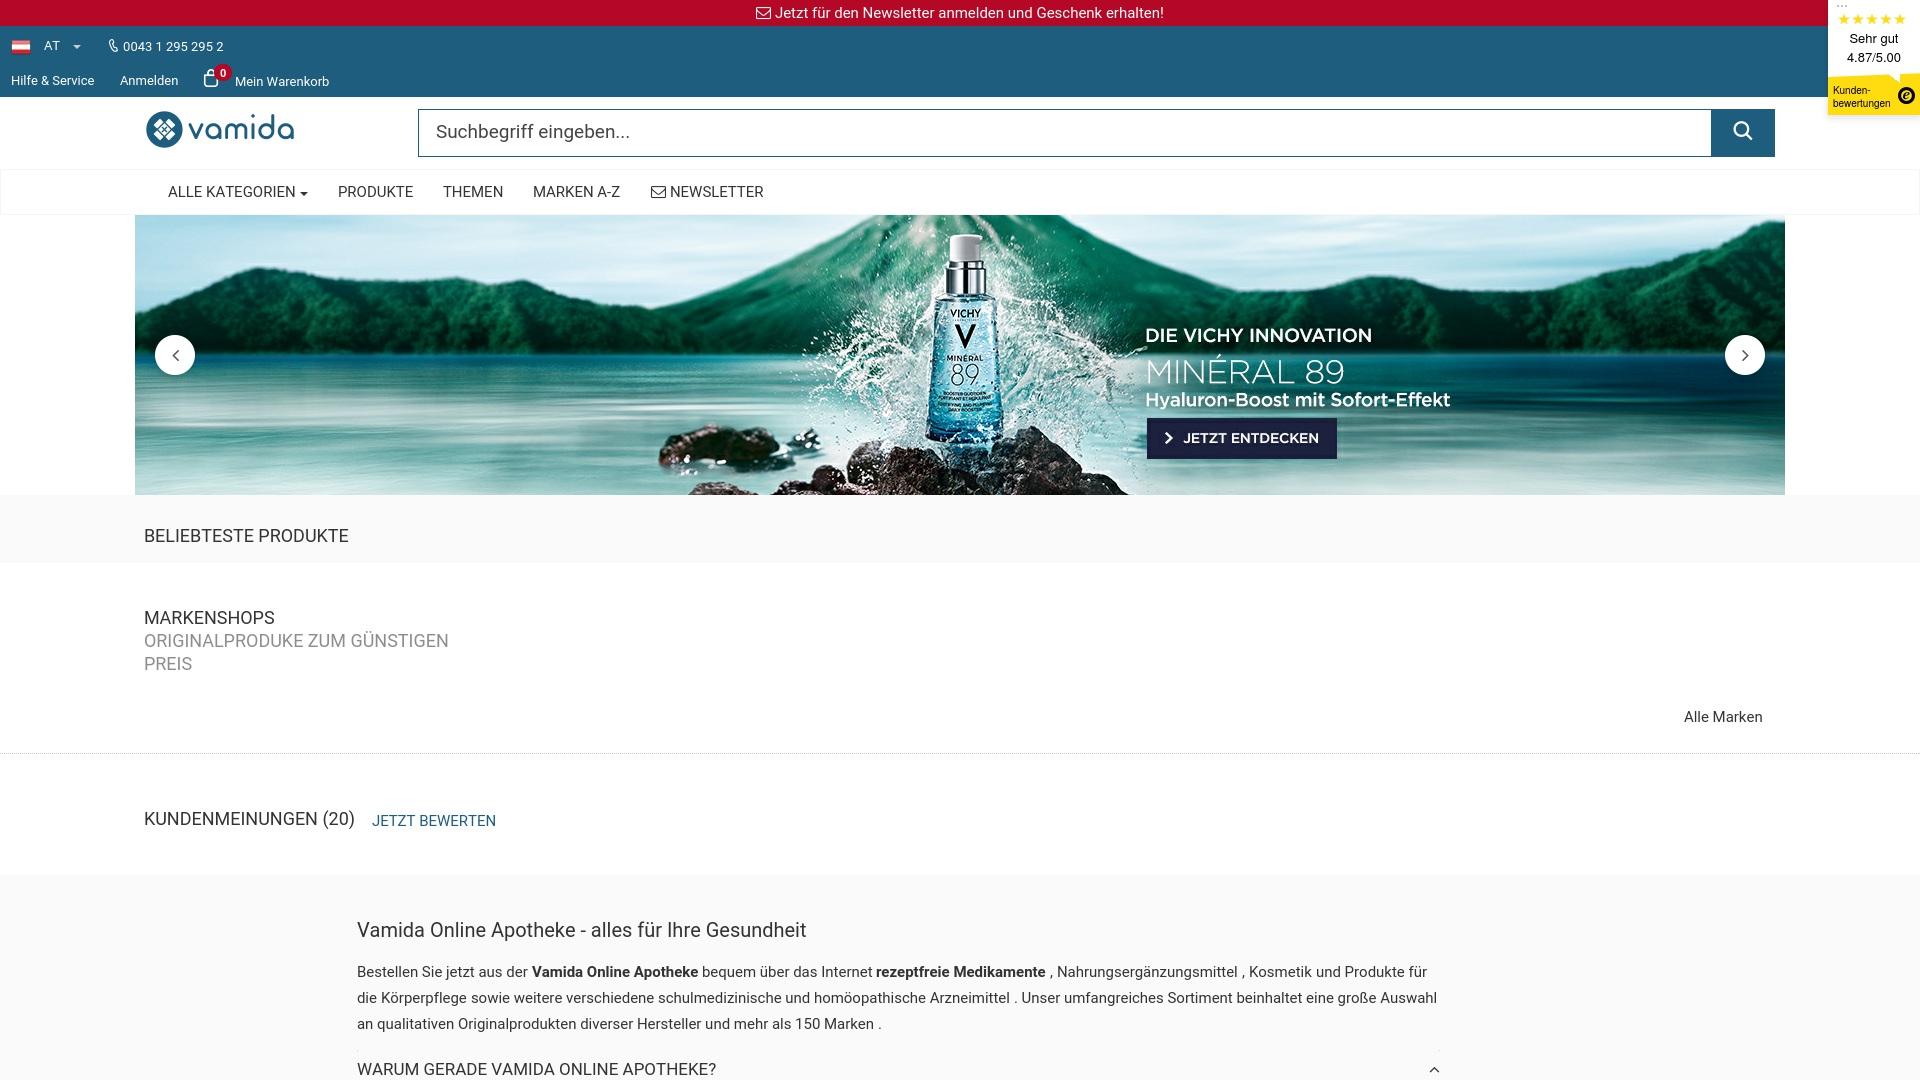 Gutschein für Vamida: Rabatte für  Vamida sichern